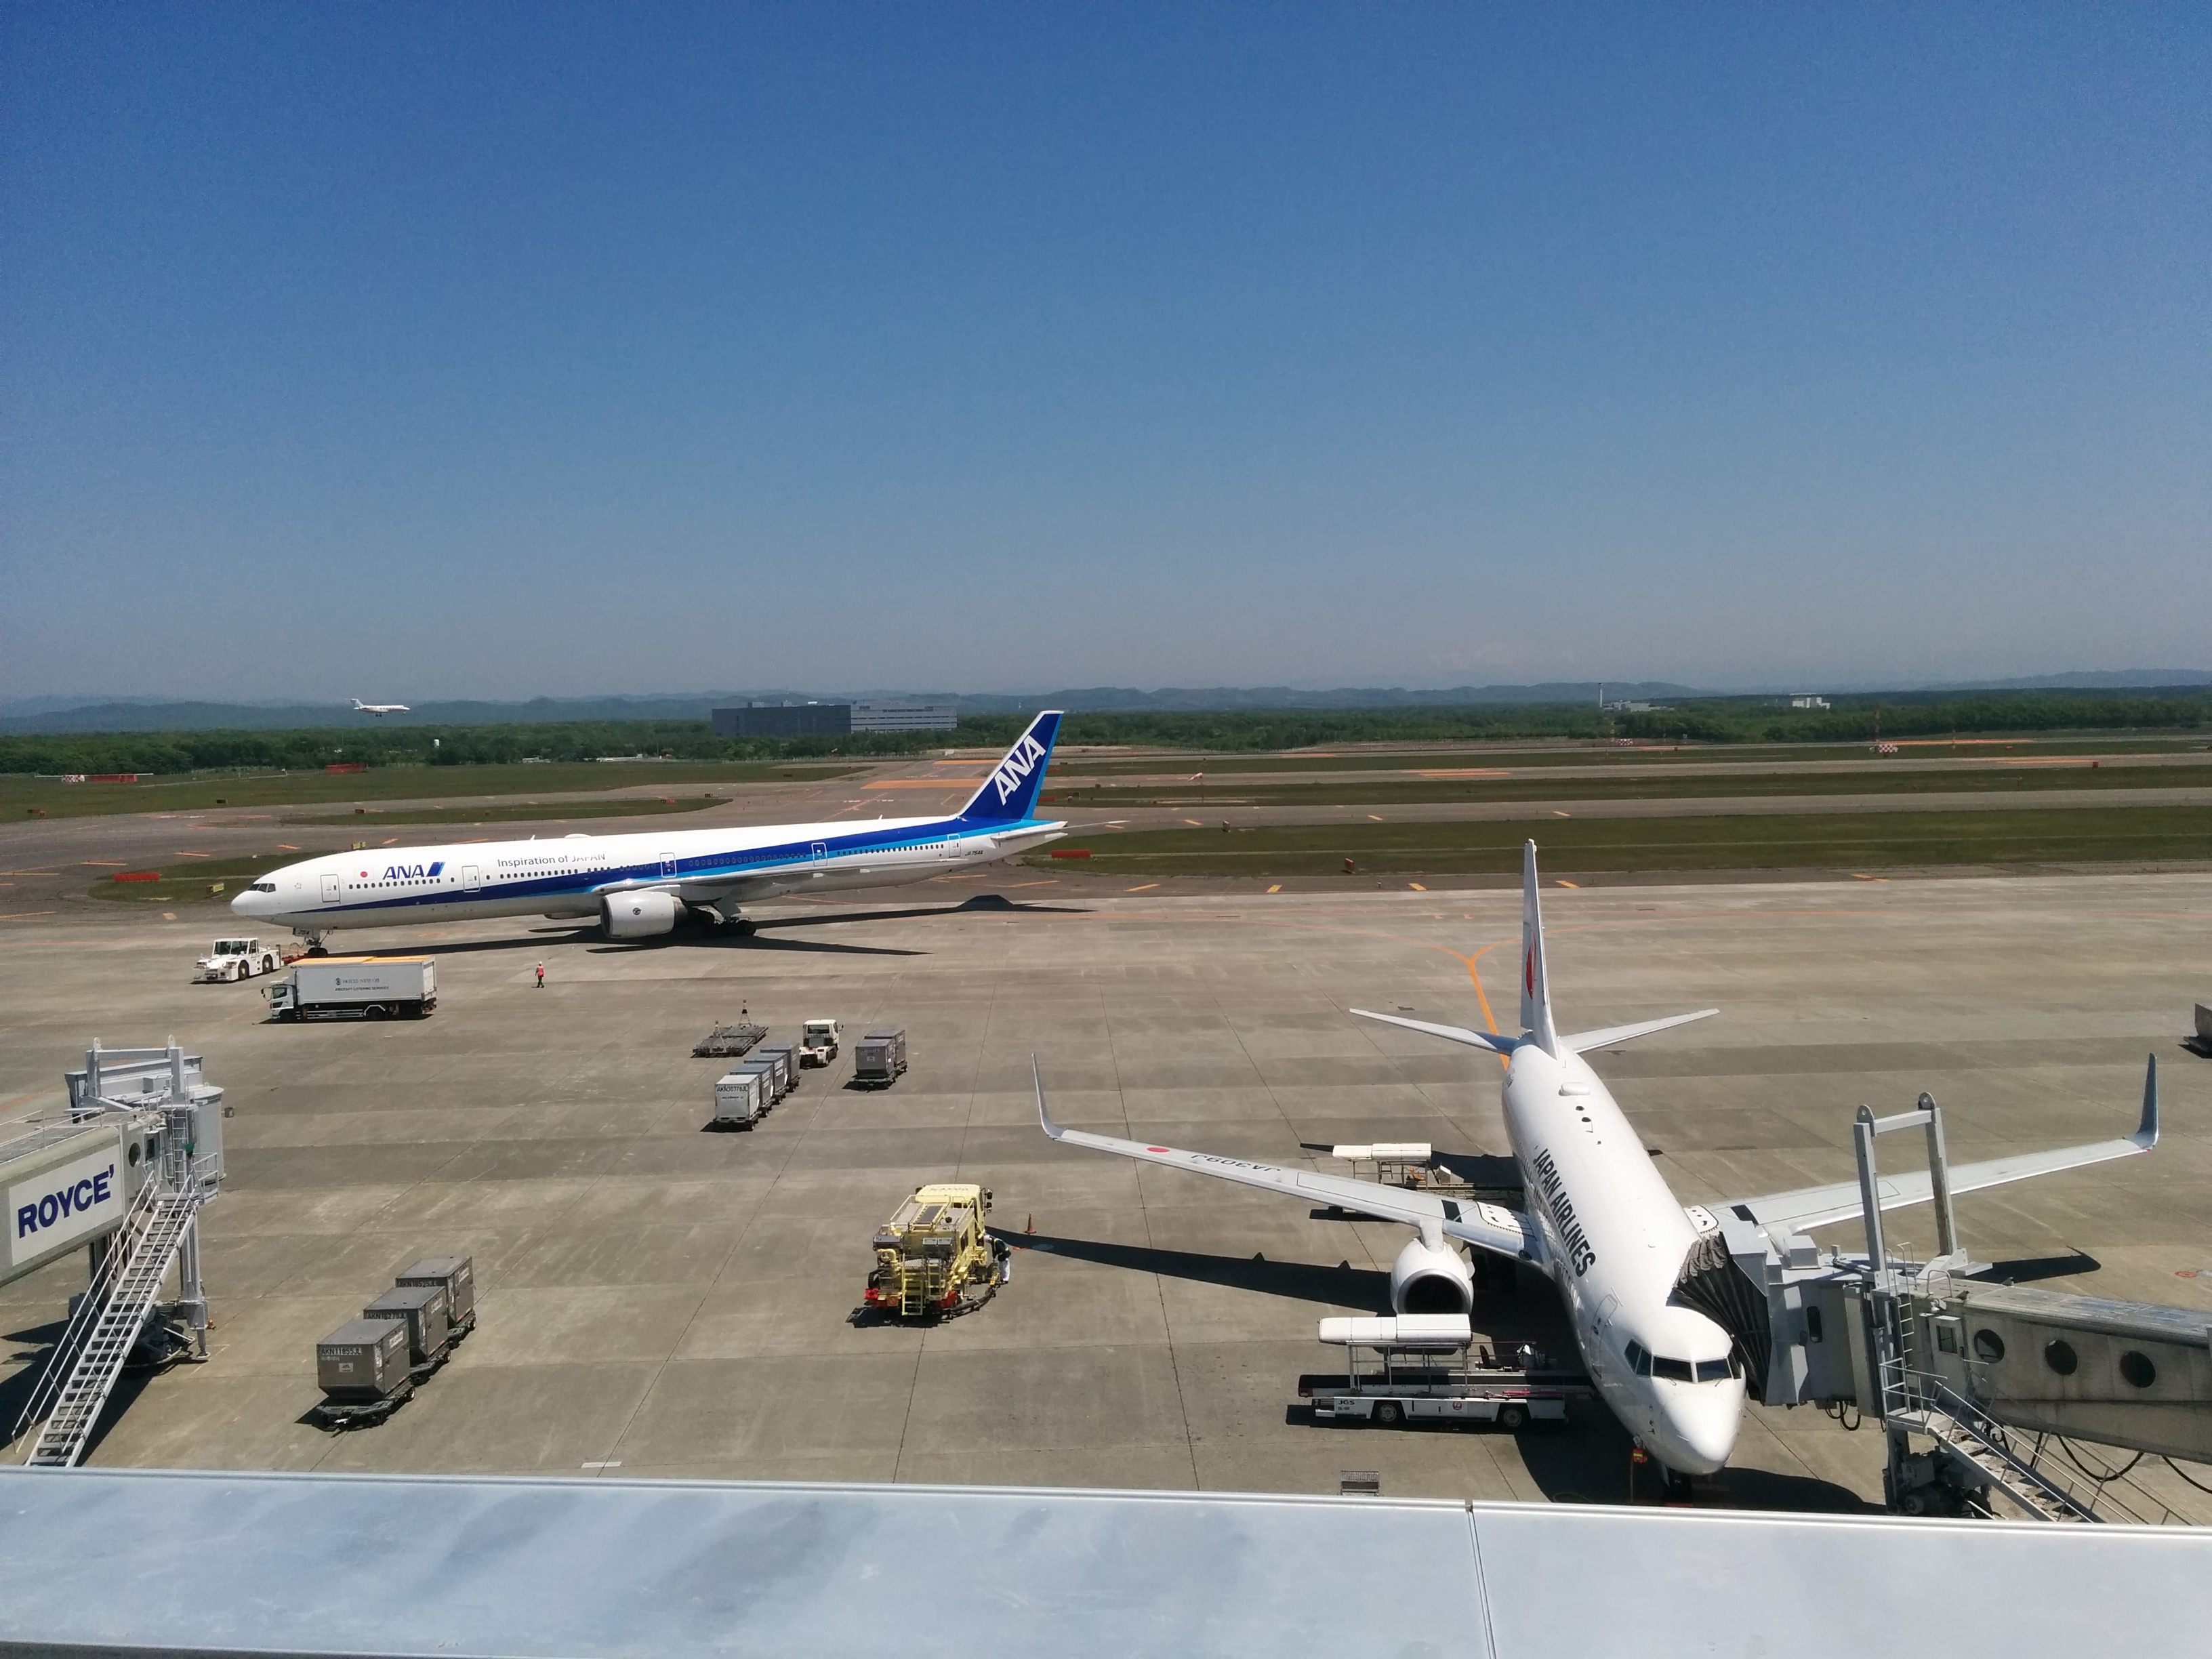 【新千歳空港ジャンボタクシー】新千歳空港送迎観光貸切ジャンボタクシーです。